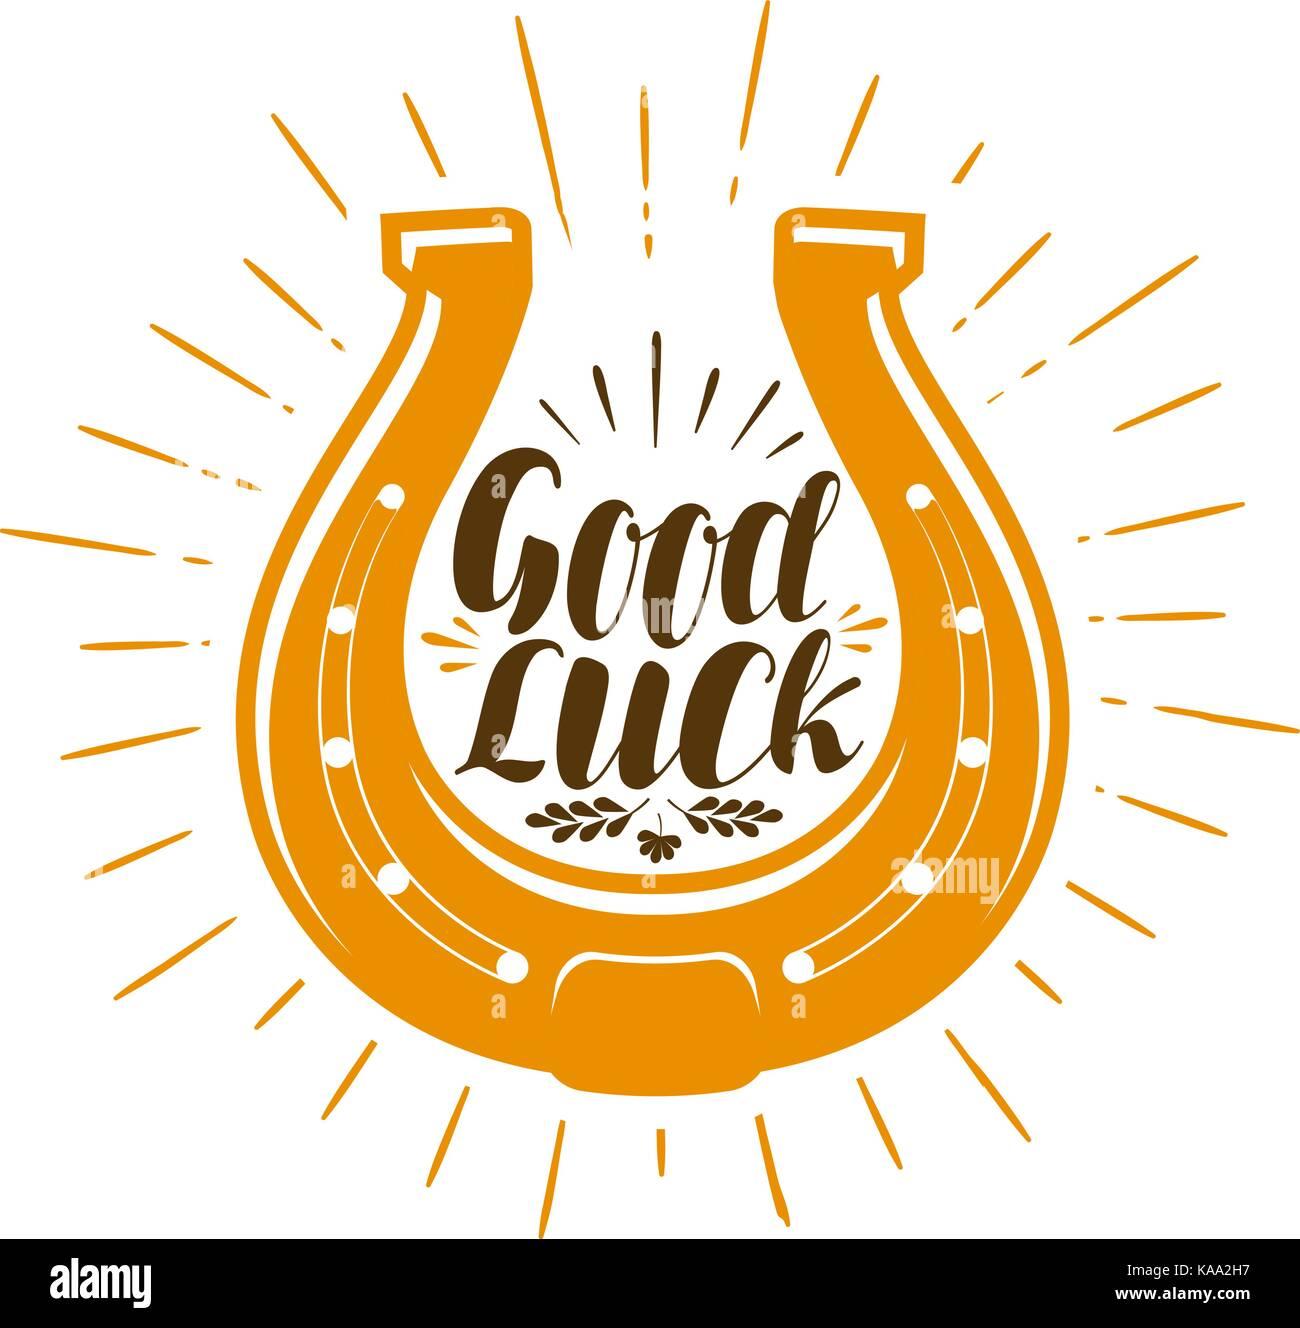 how to make a good luck talisman